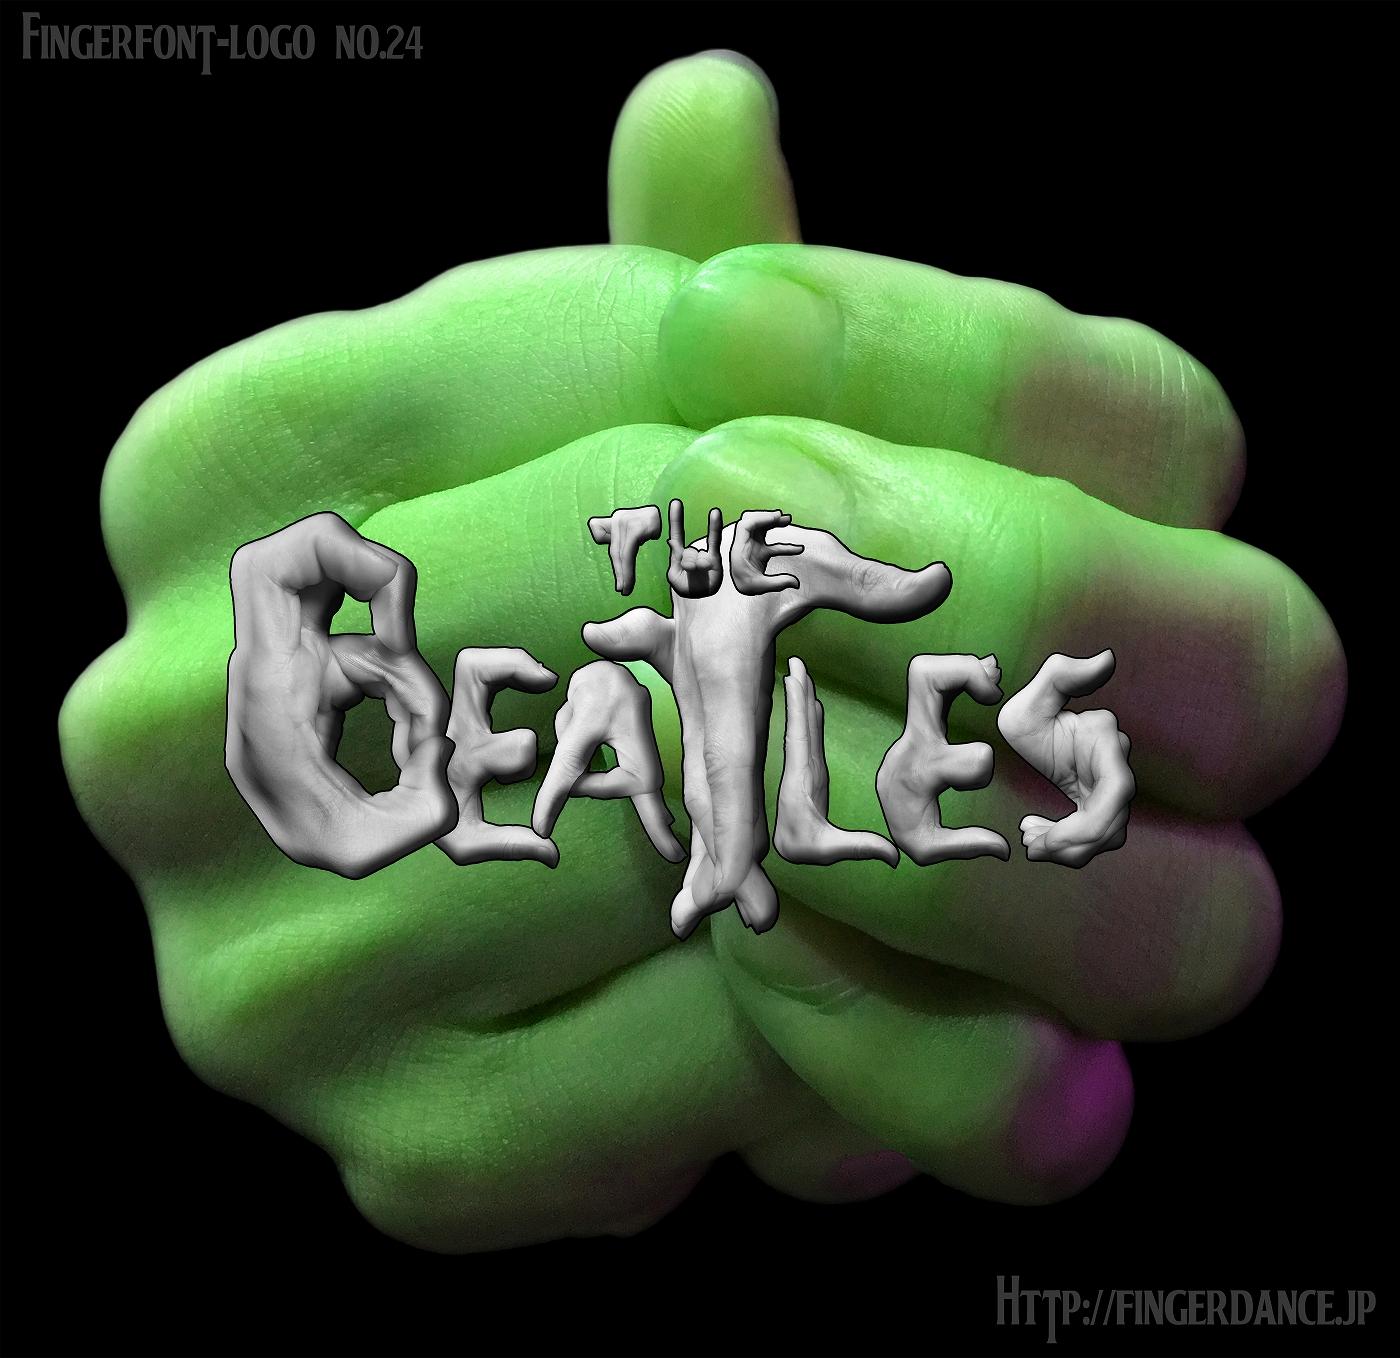 TheBeatles-ザ・ビートルズ・フィンガーロゴハンド 手指字